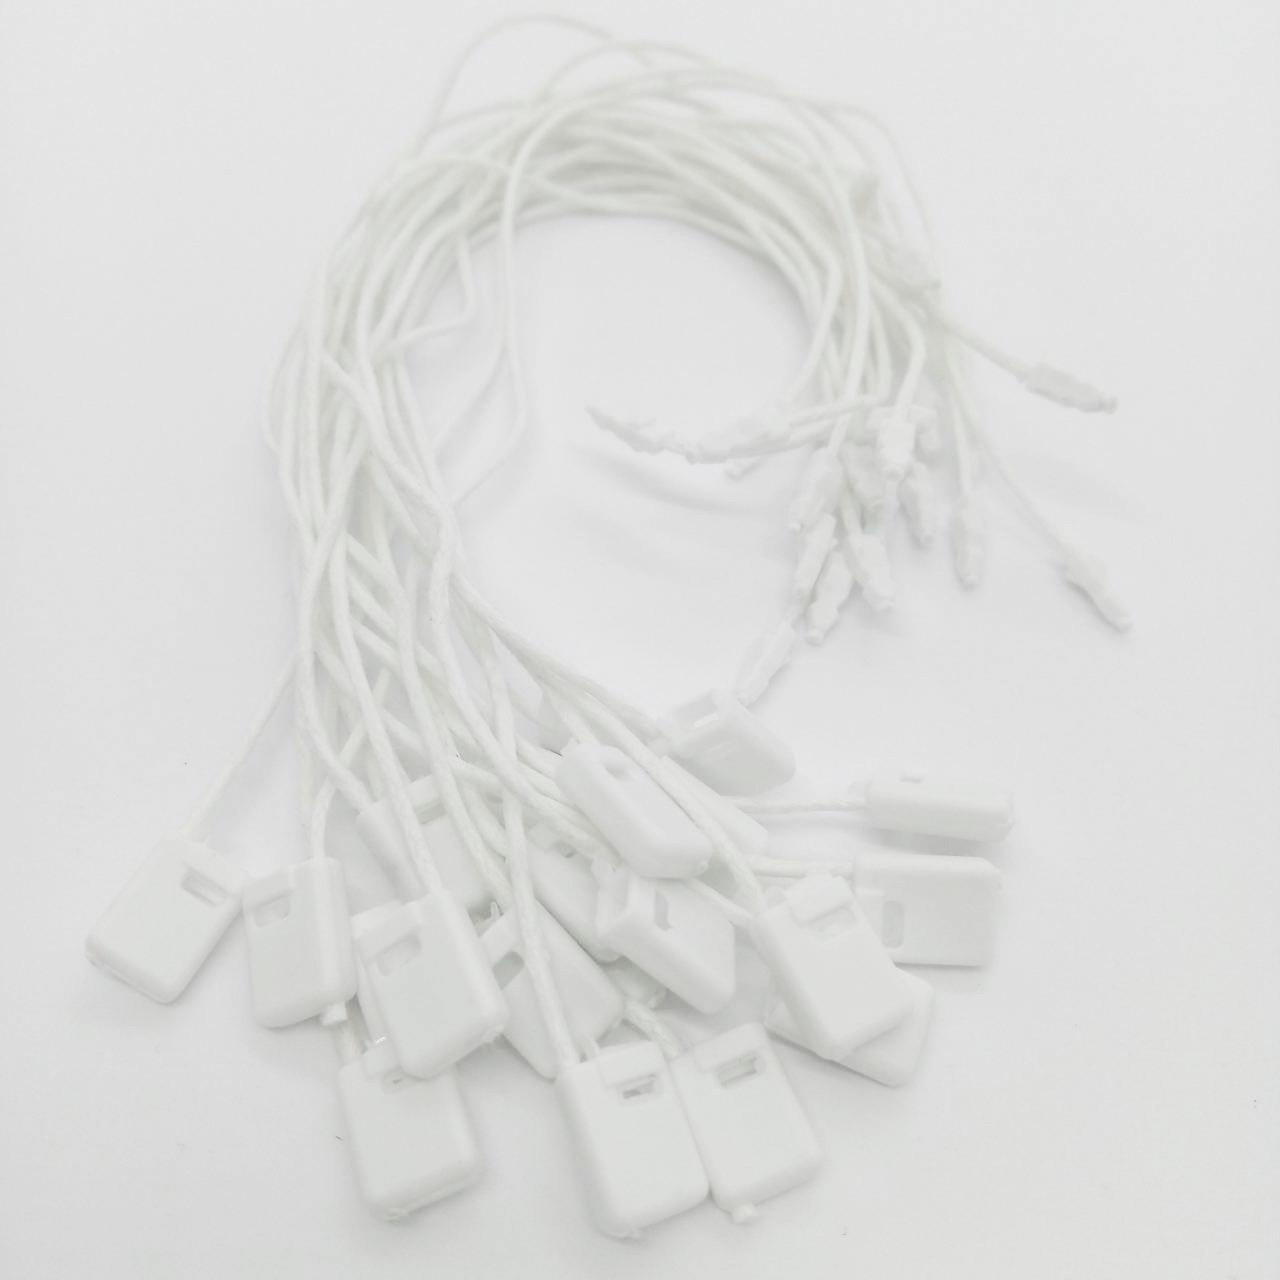 Хлопковые белые шнурки-пломбы для бирок, 50 шт